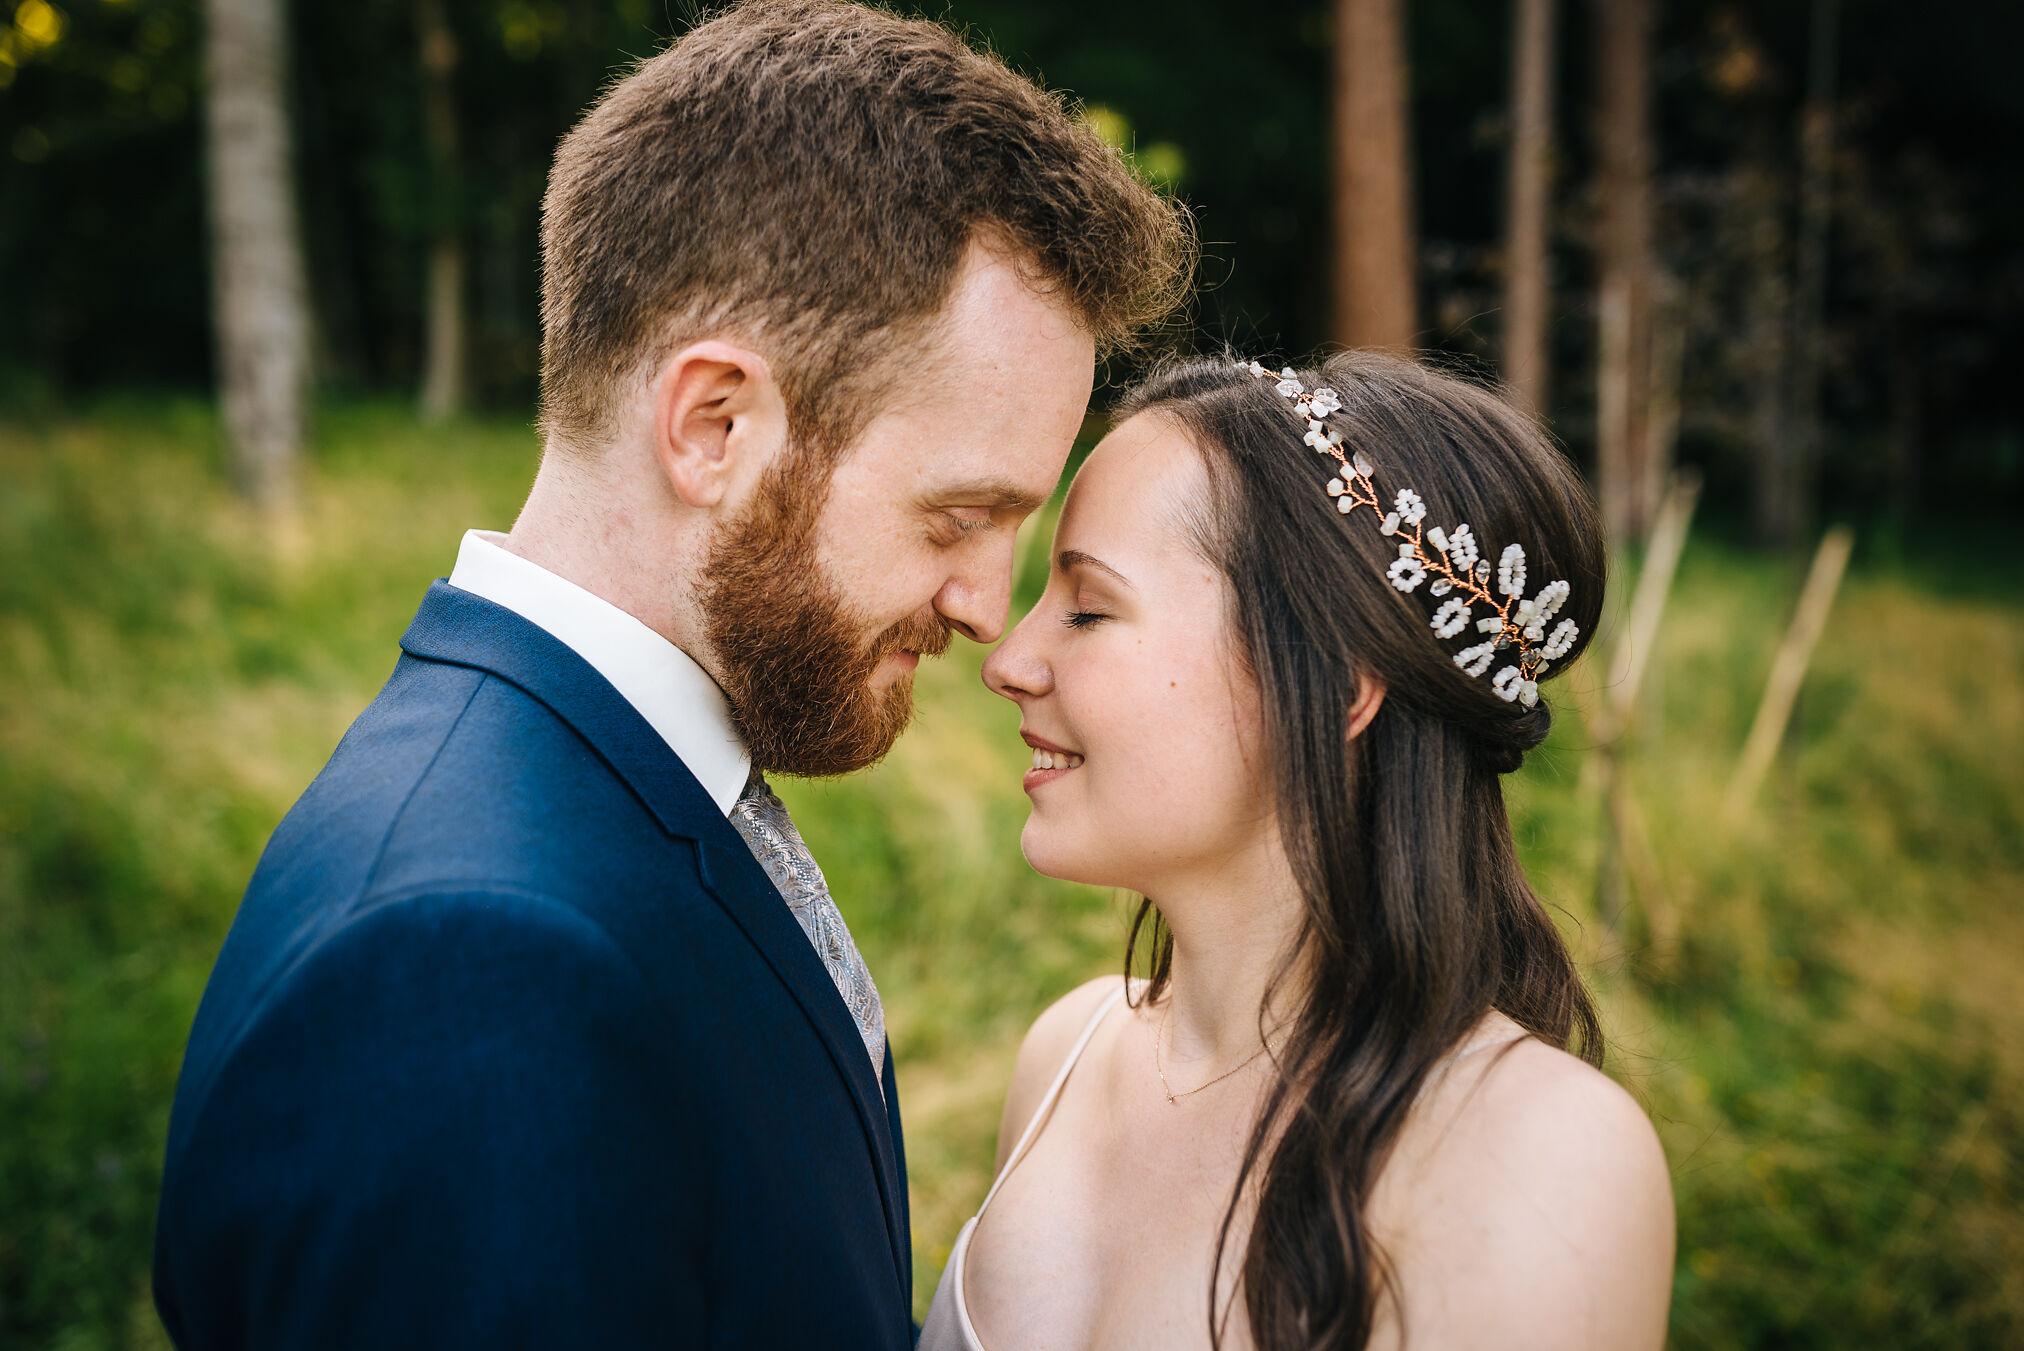 Hochzeit-Garten-Denoti-22.jpg